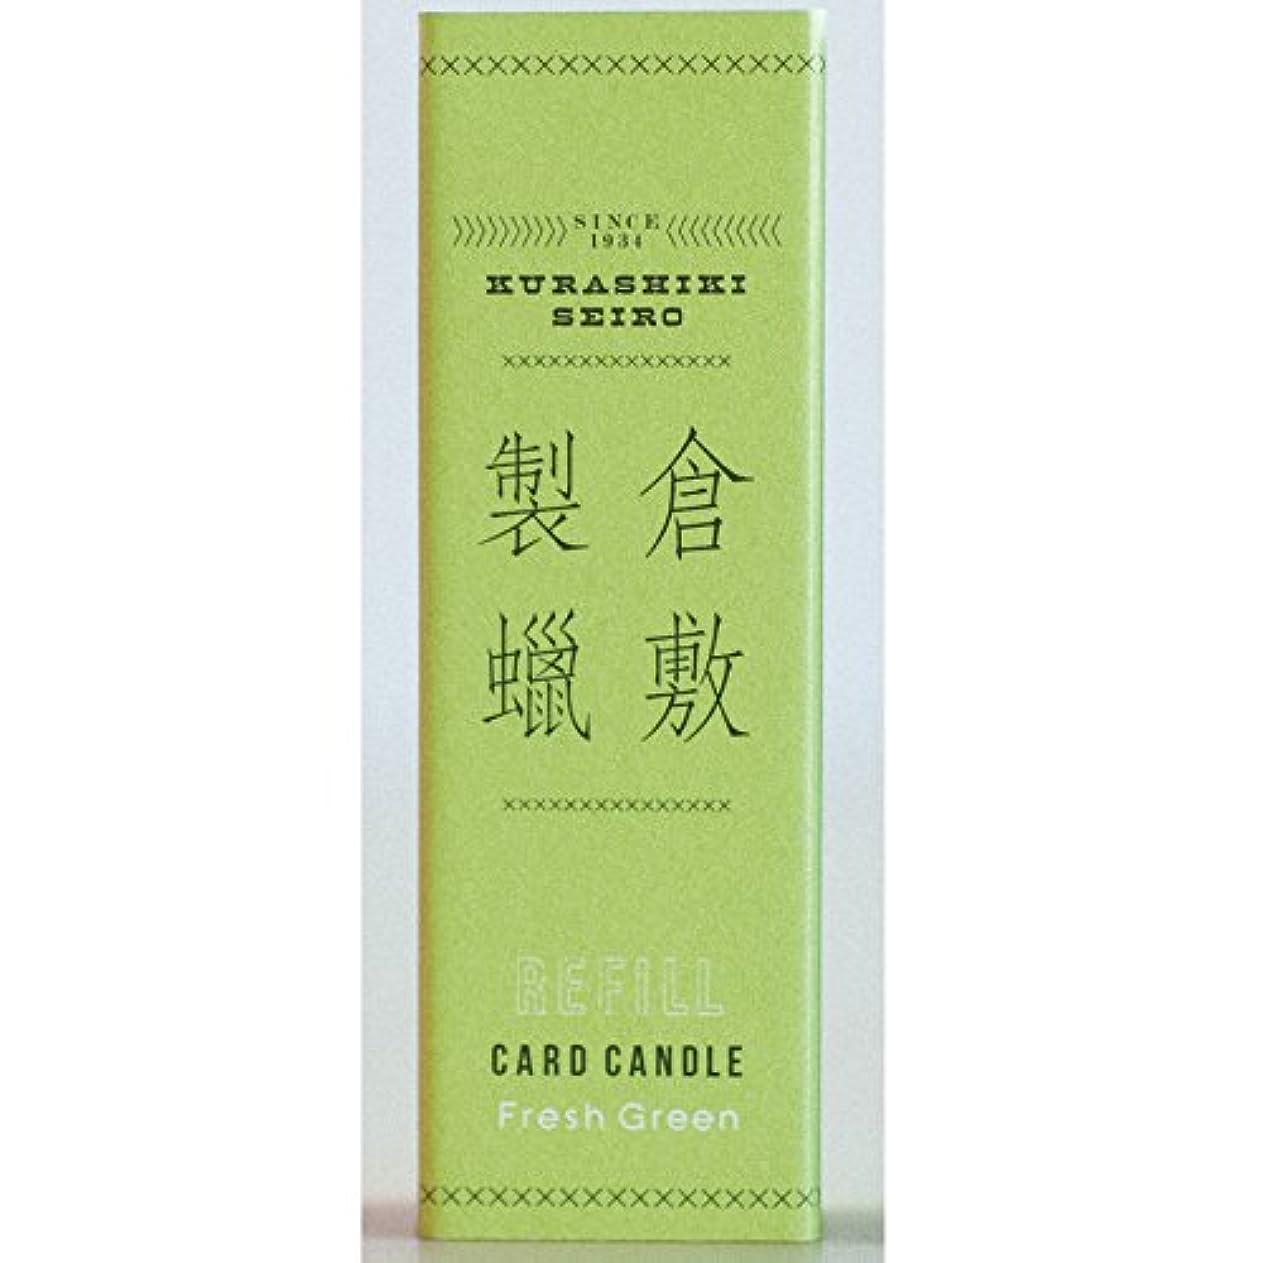 ミサイル数字苗倉敷製蝋 CARD CANDLE REFILL (Fresh Green)